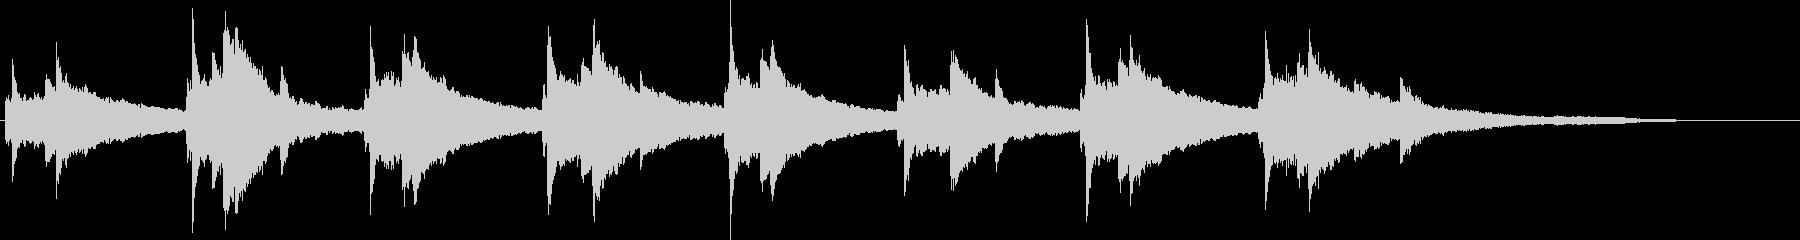 ジングル - リフレッシュの未再生の波形